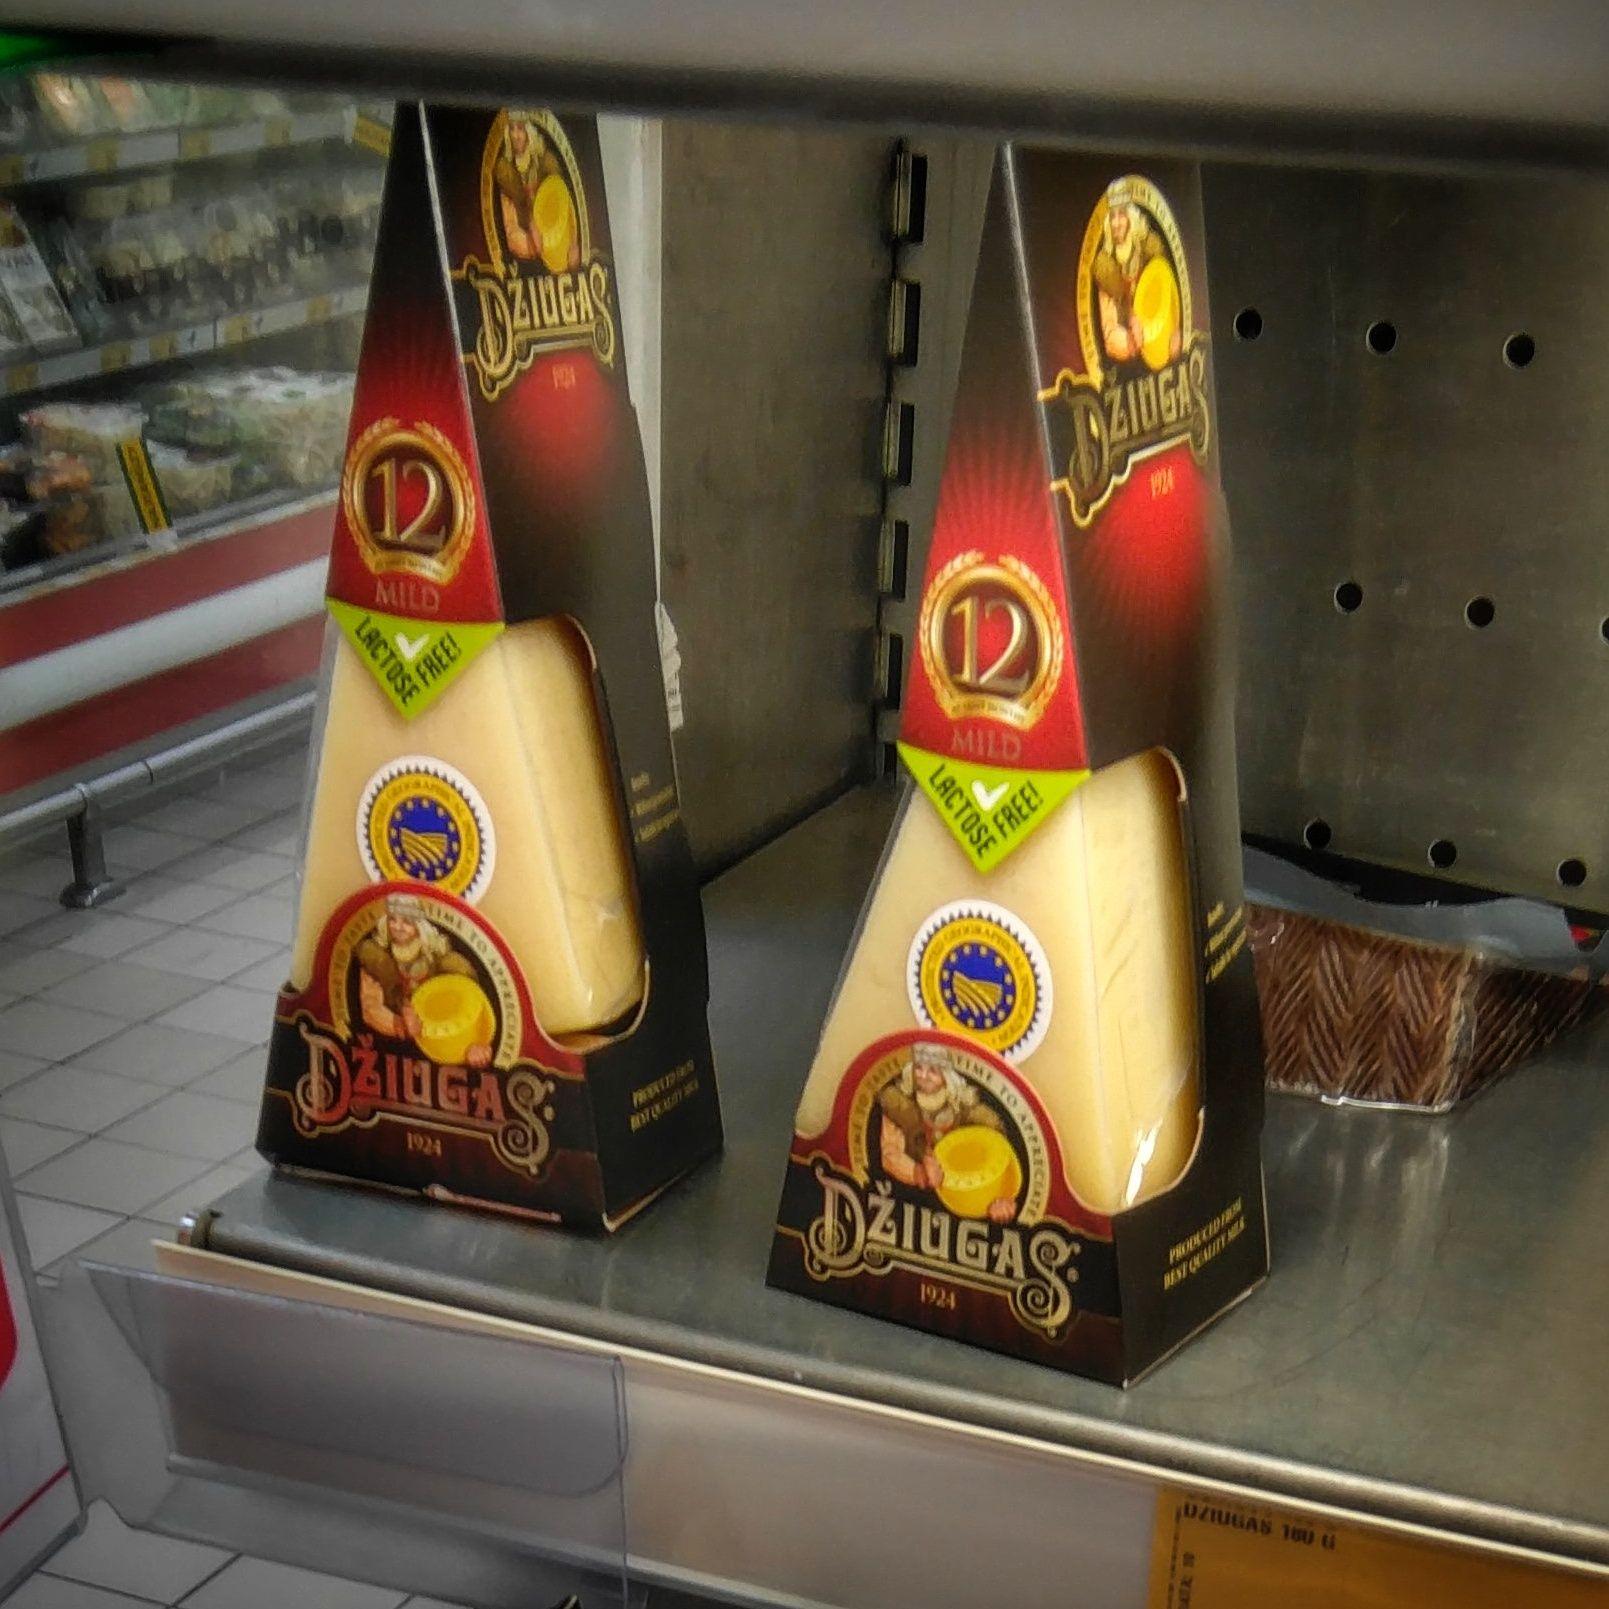 Dojrzewający ser Dziugas w Auchan - drugi za 1 grosz!